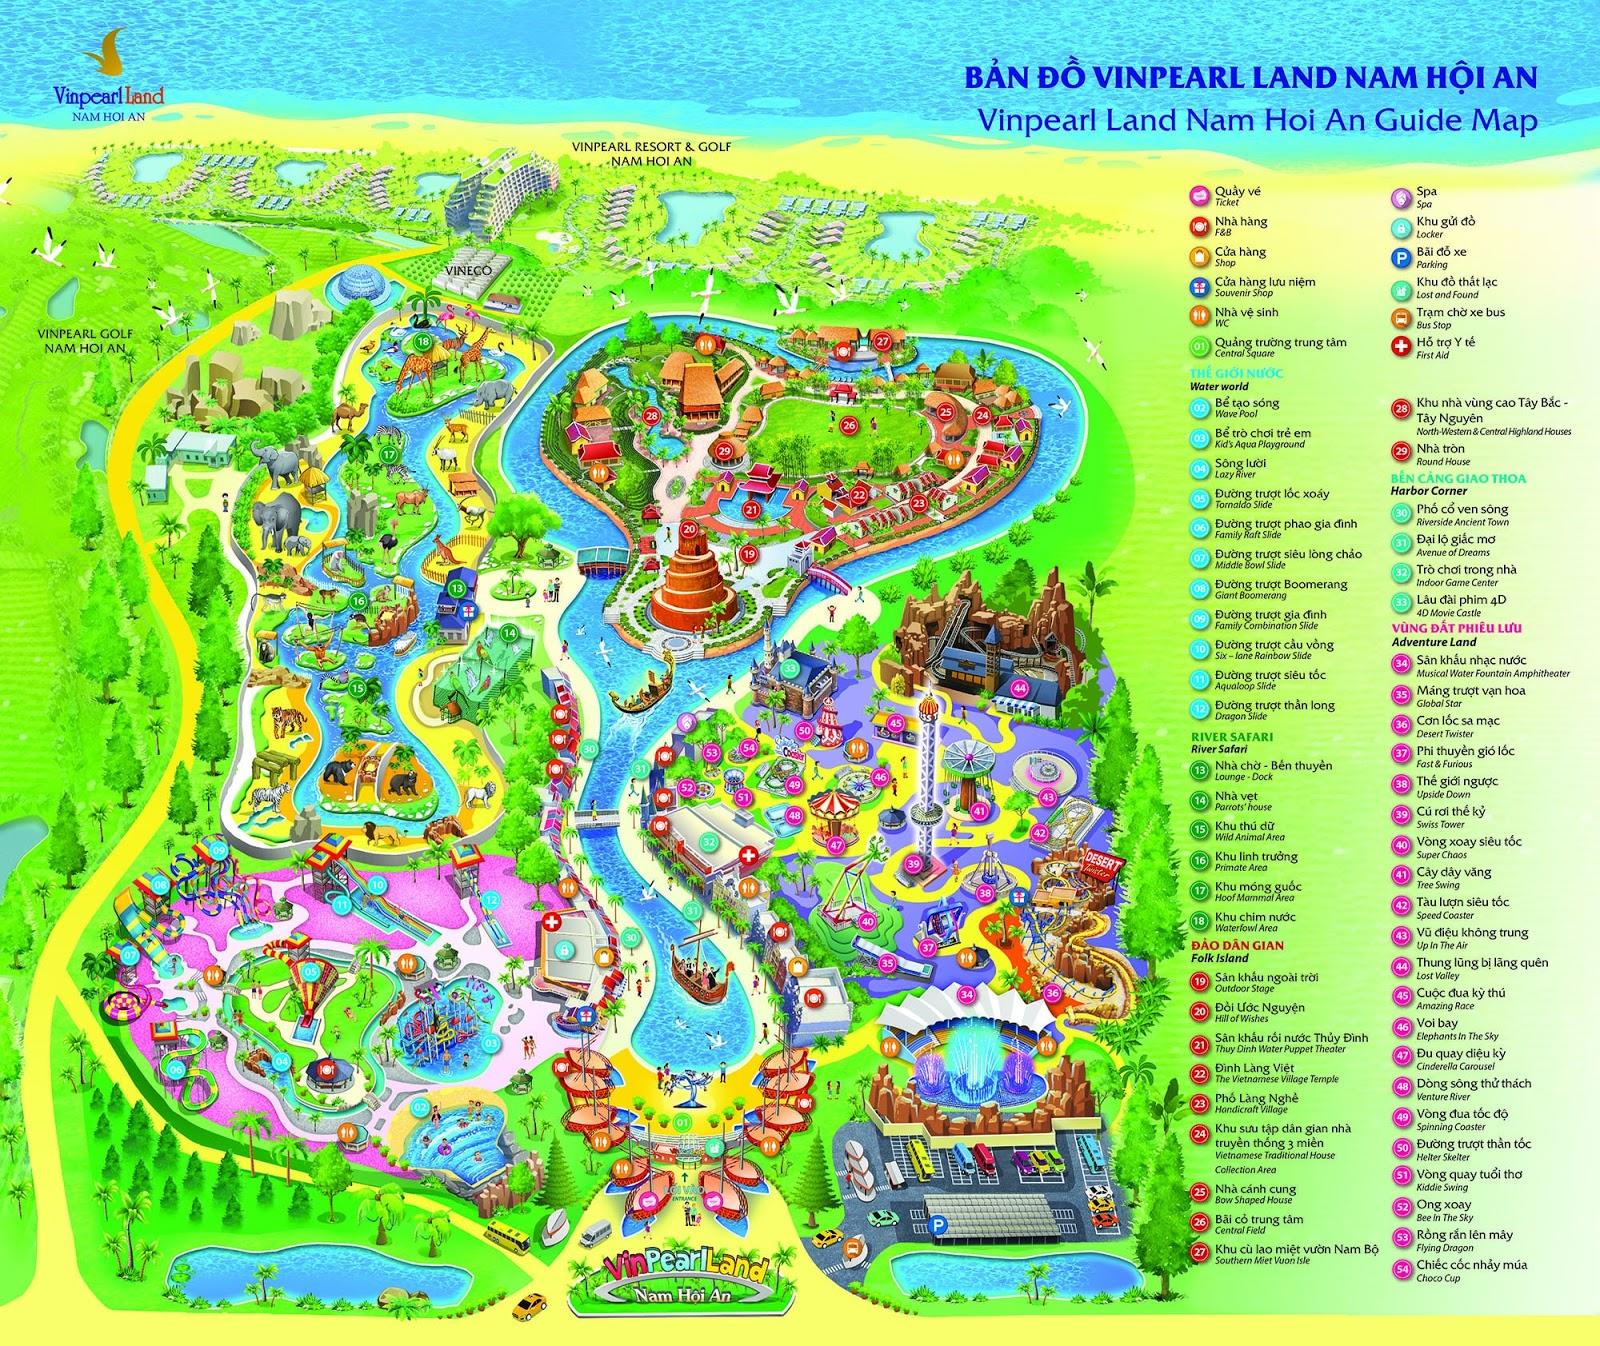 Bản đồ tham quan Vinpearl Land Nam Hội An